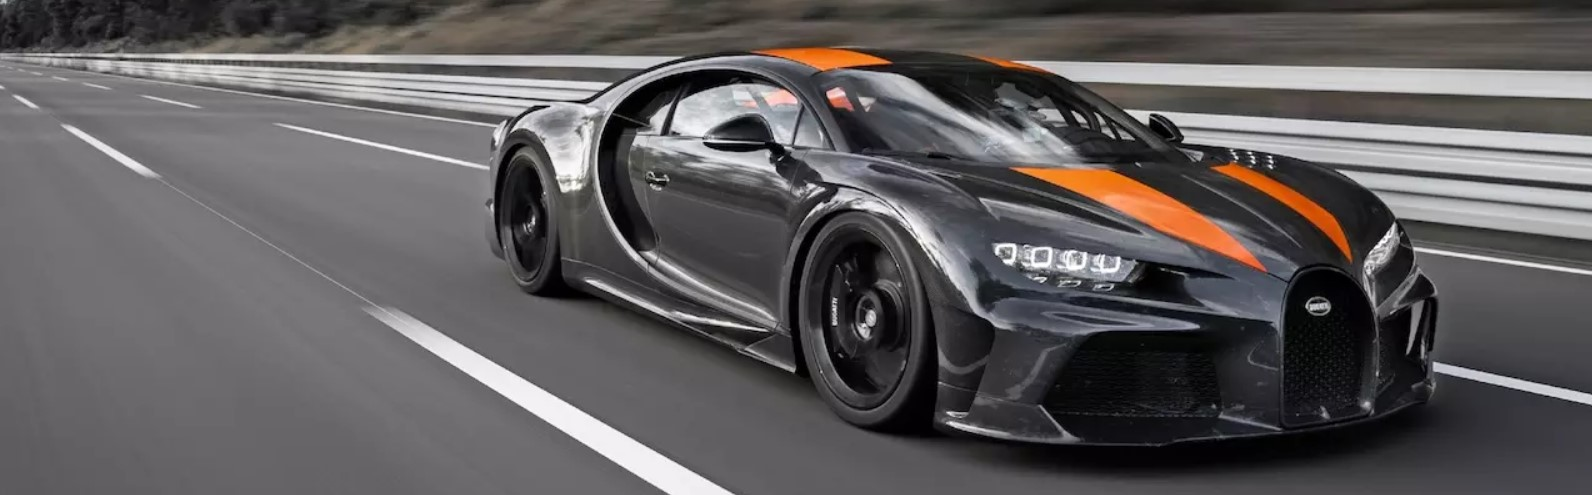 Vylepšený Chiron od Bugatti překonal rekord v rychlosti